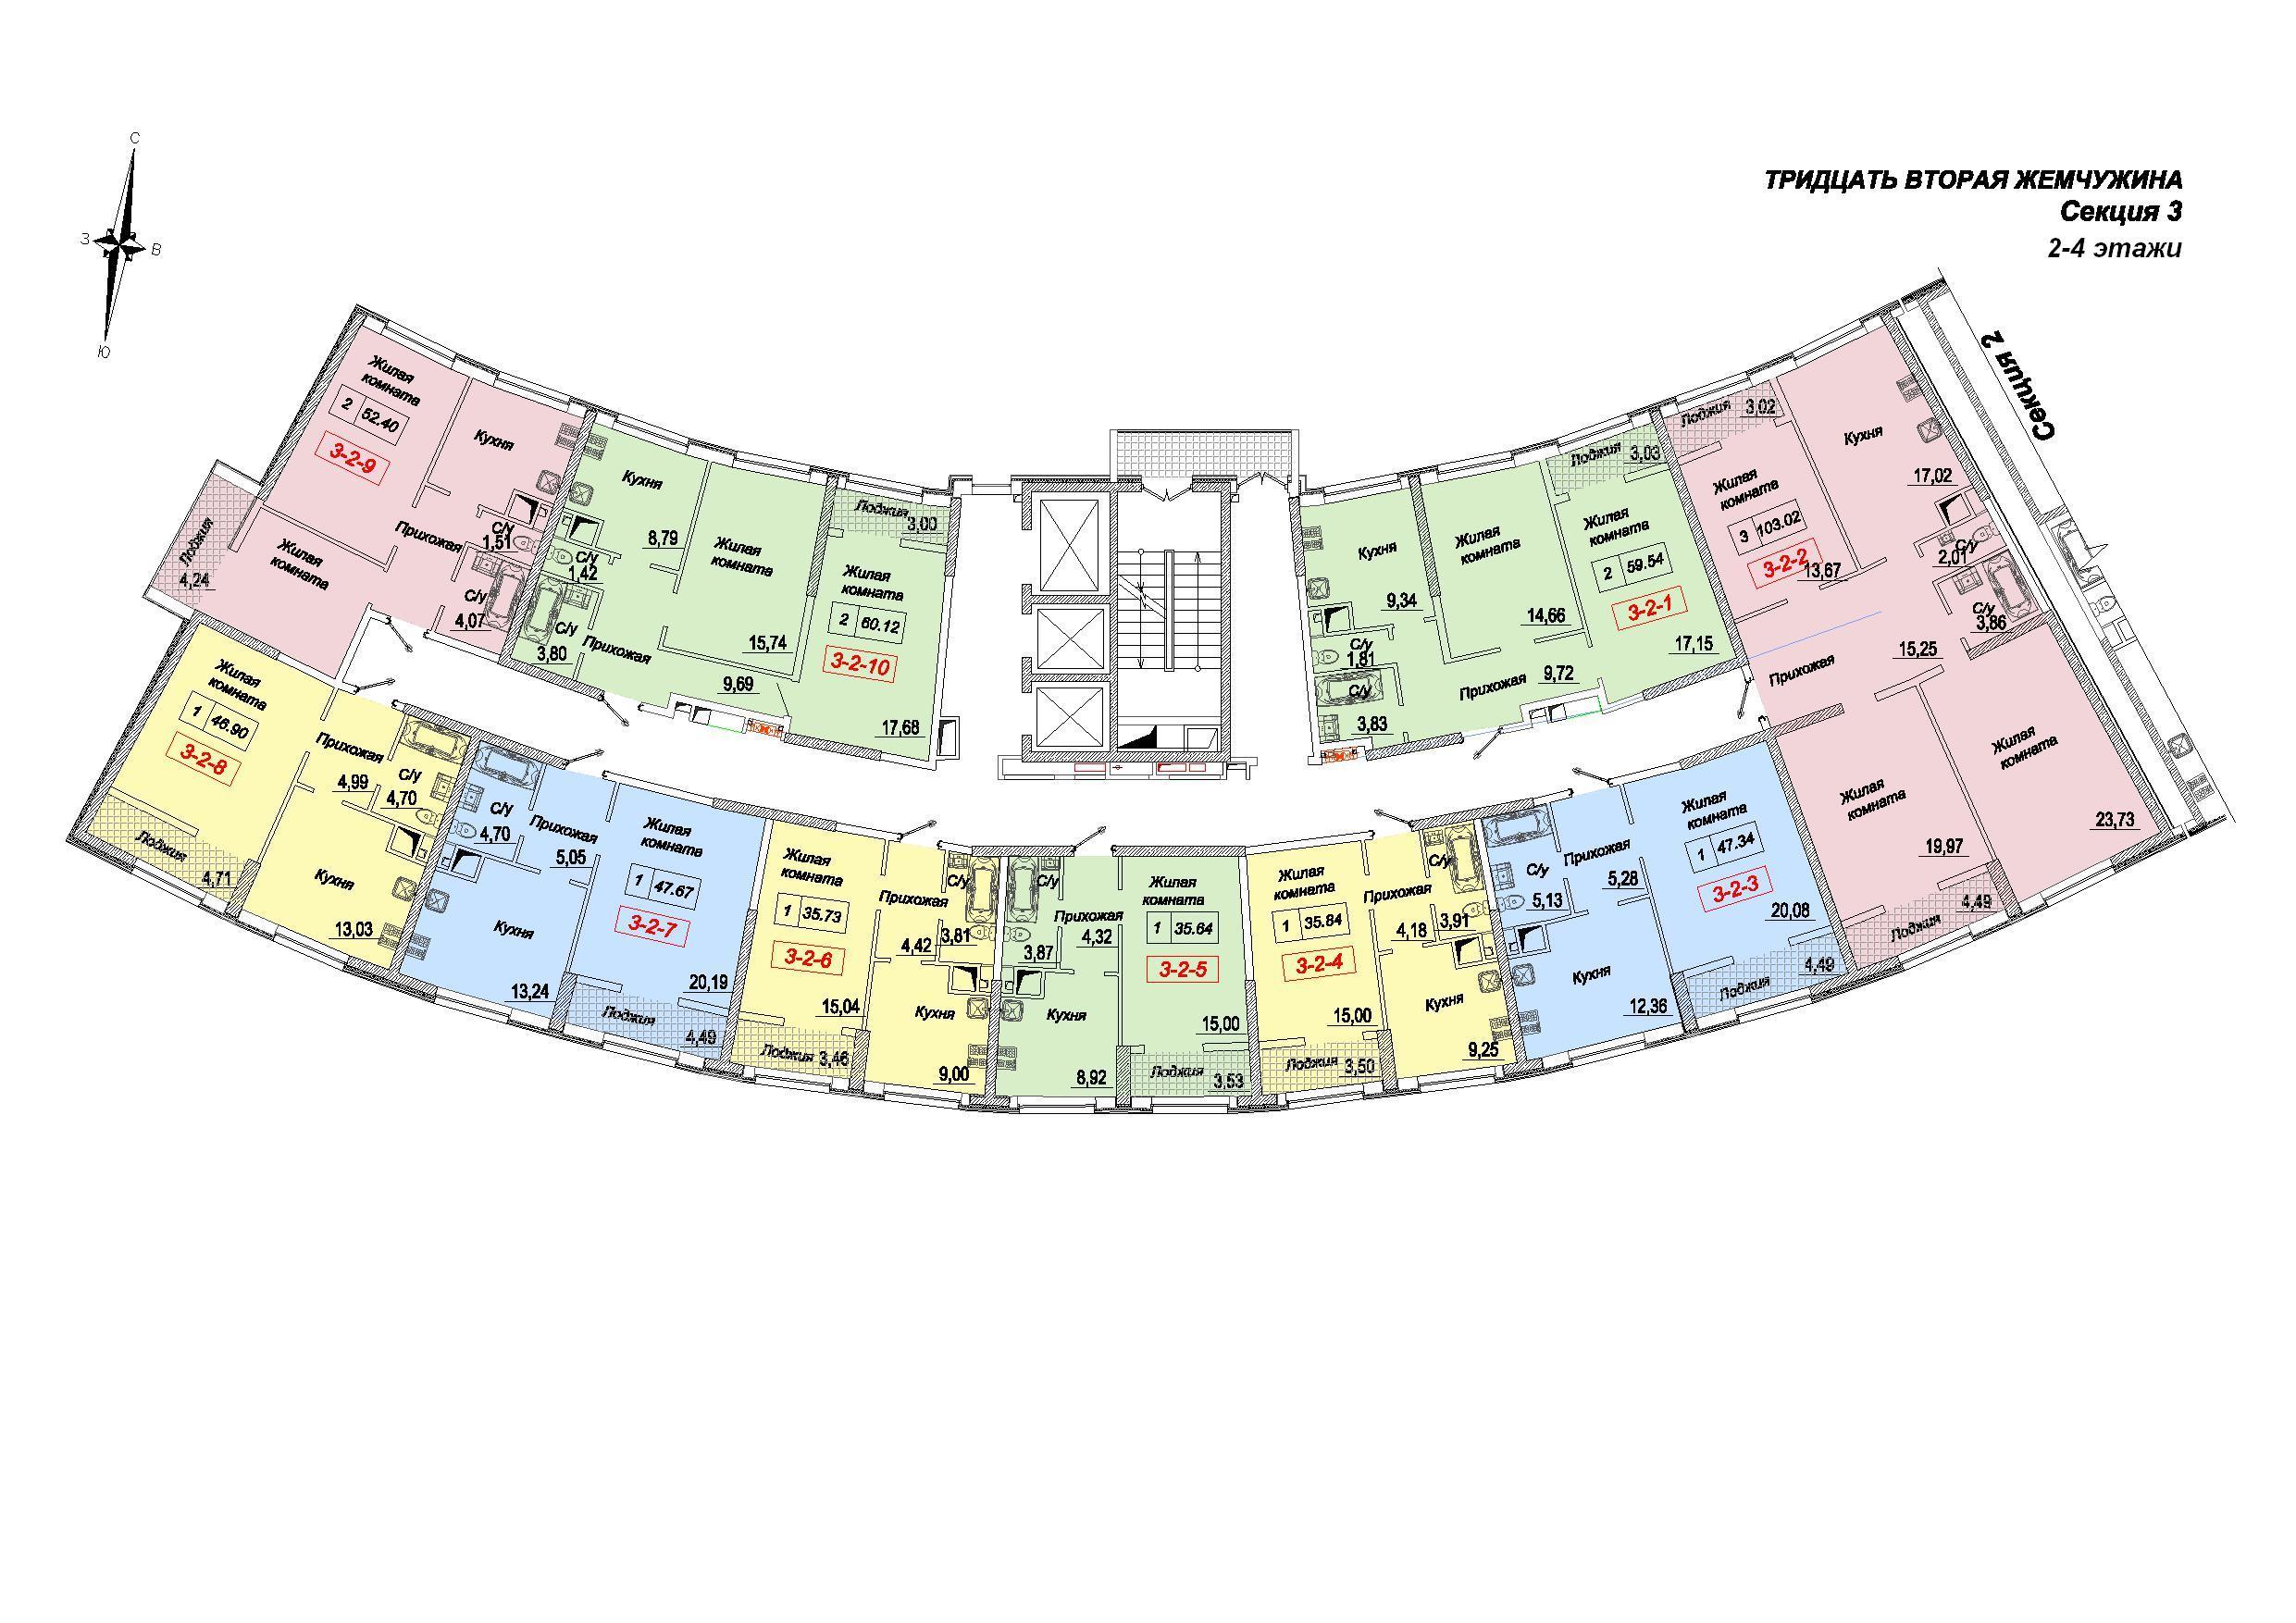 ЖК 32 Жемчужина 3 секция 2-4 этажи